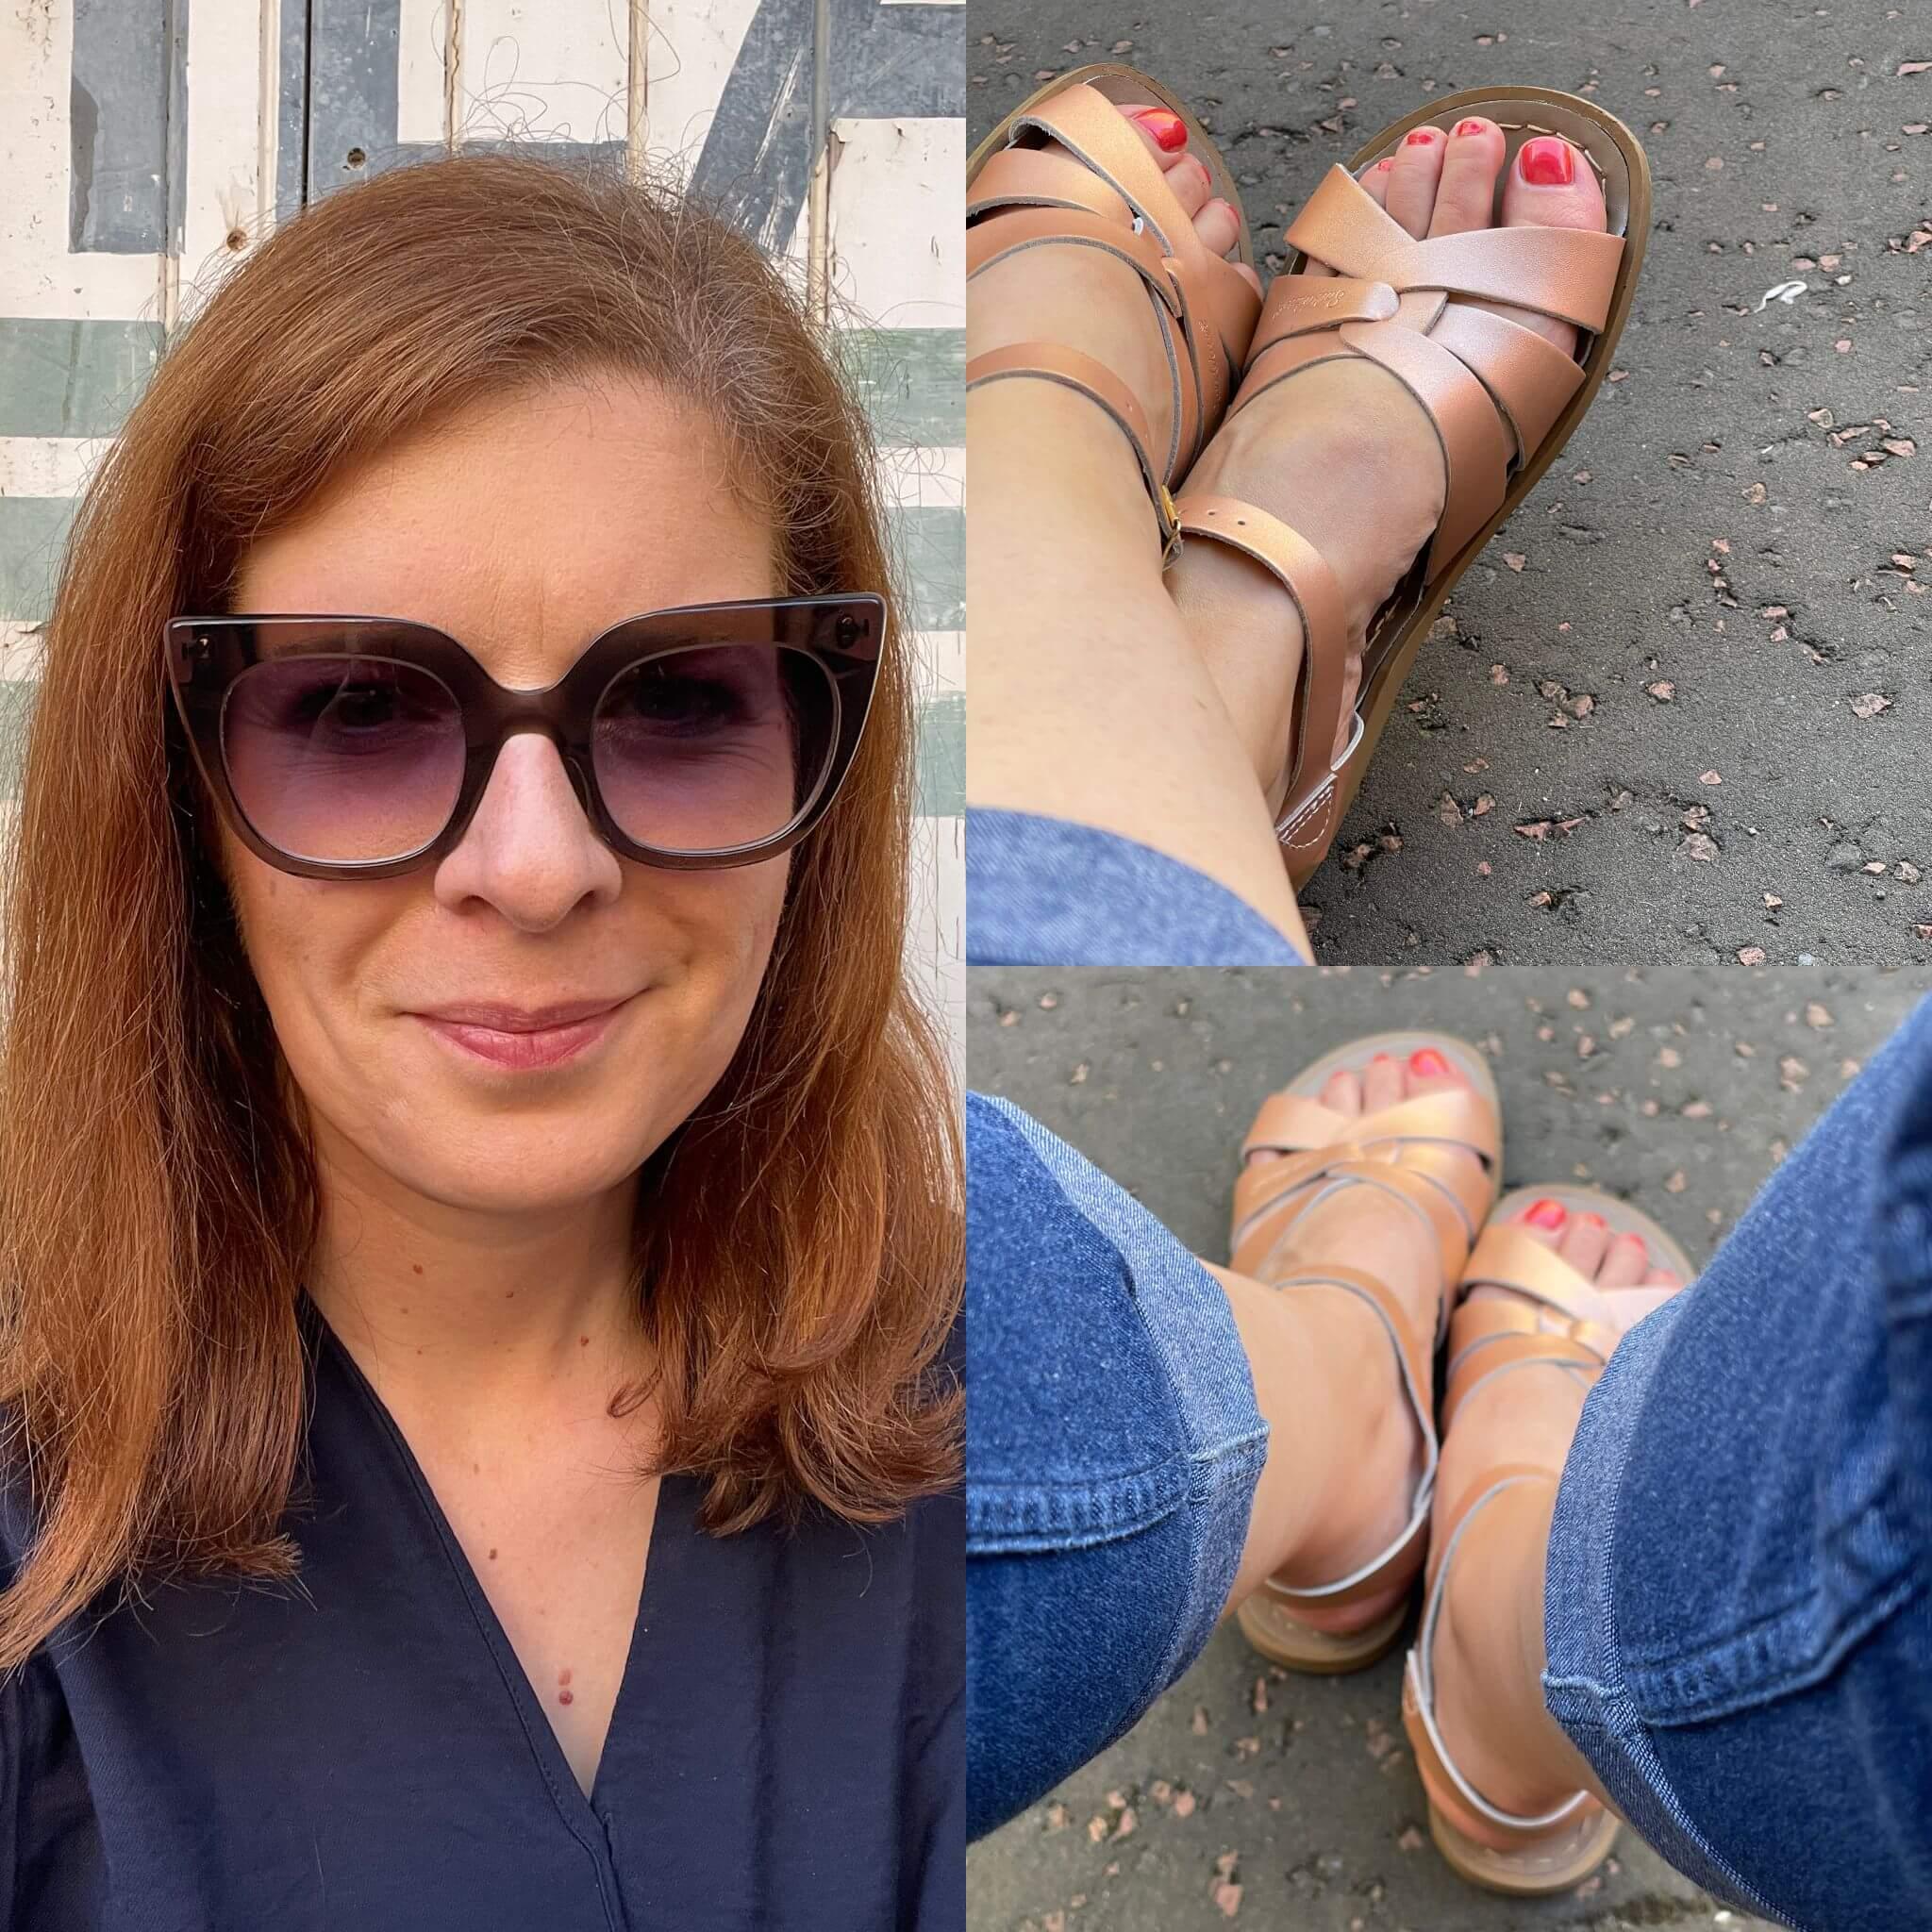 Saltwater Sandalen rose gold Sommer wetterfest Schuhe Style